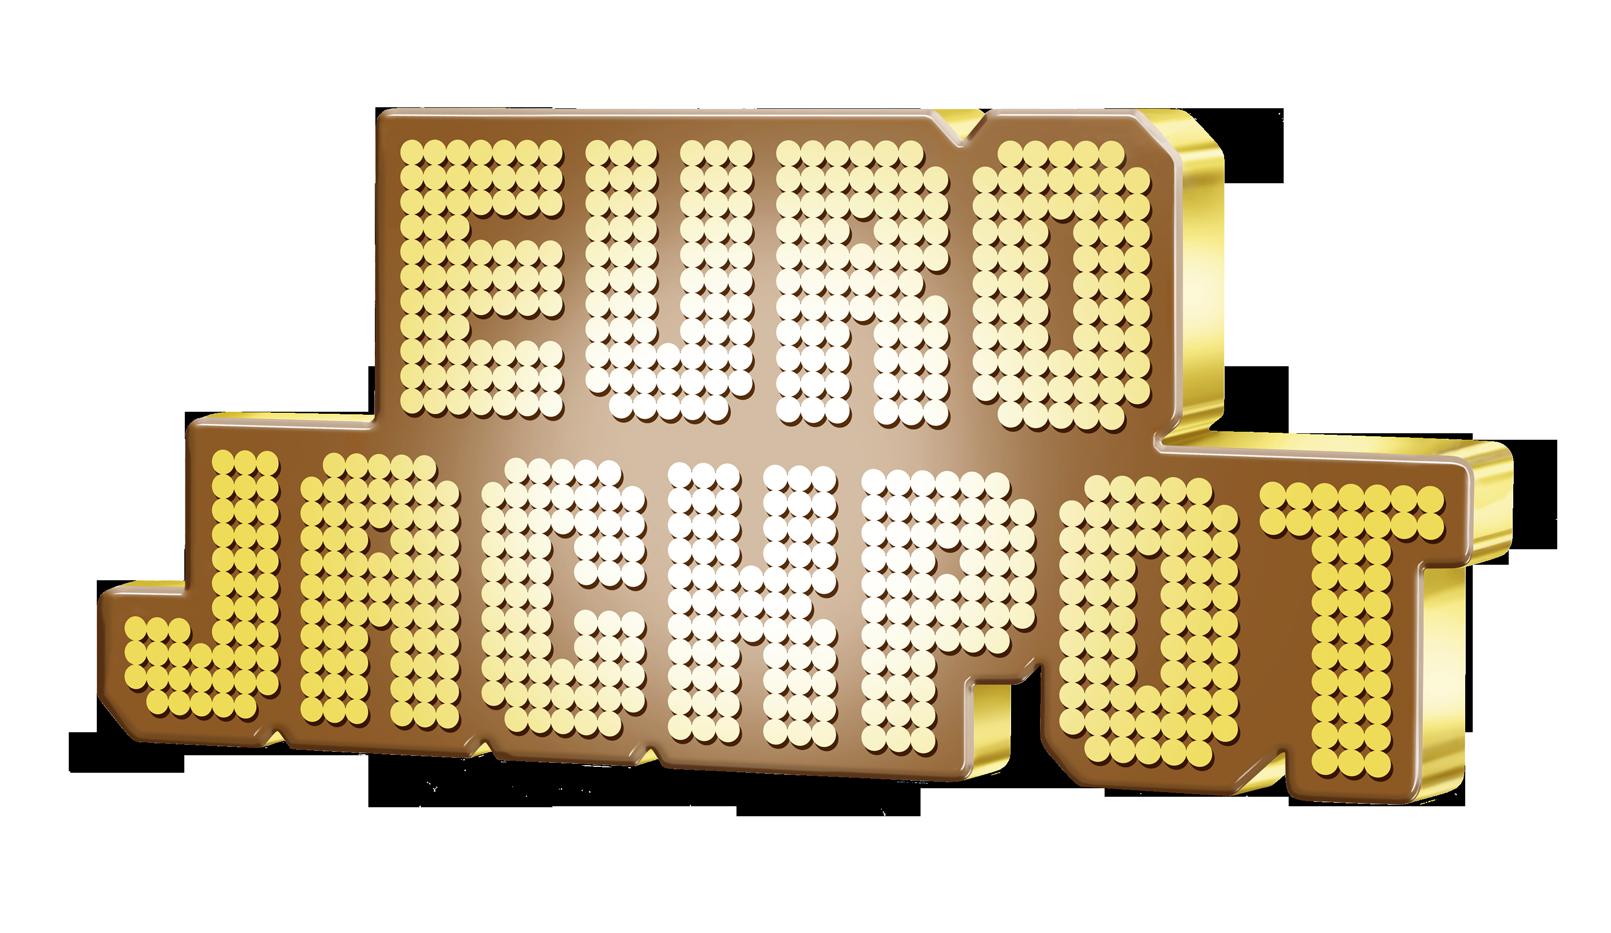 Eurojackpot am 07.12.18: die aktuellen gewinnzahlen – jackpot geknackt!